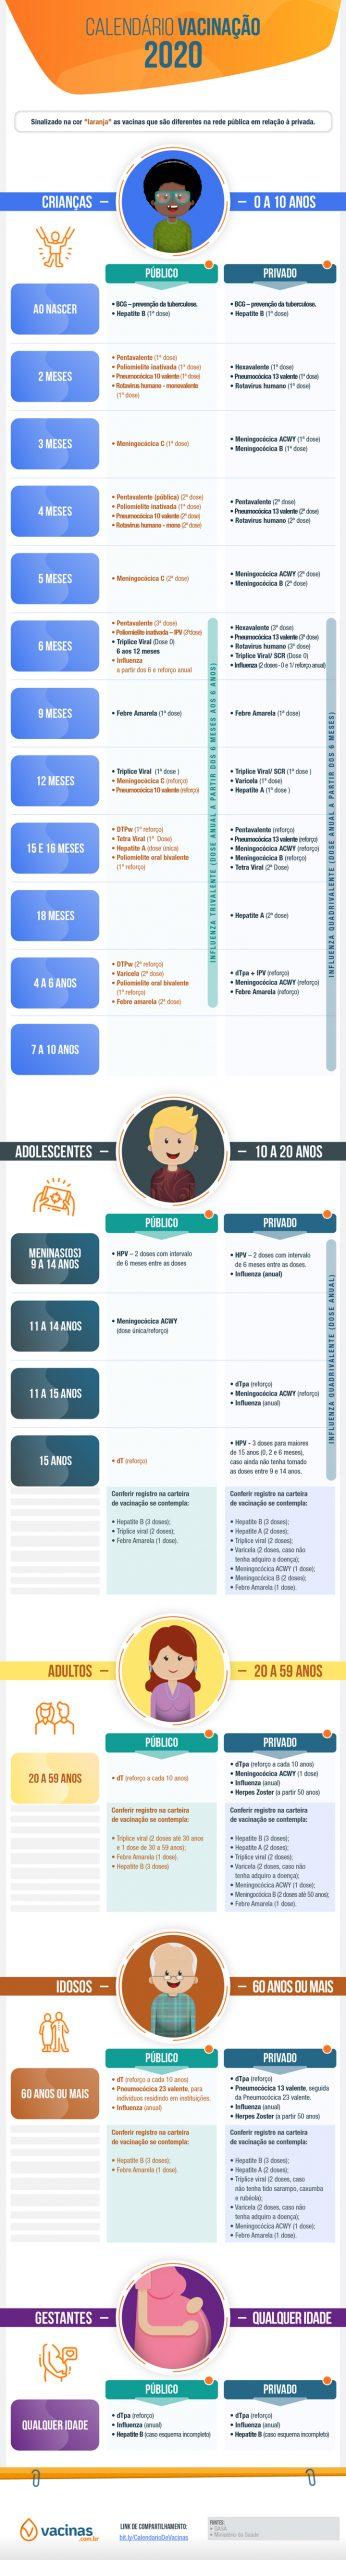 saiba quais vacinas tomar em cada fase da vida e a diferença do calendário no setor público e privado